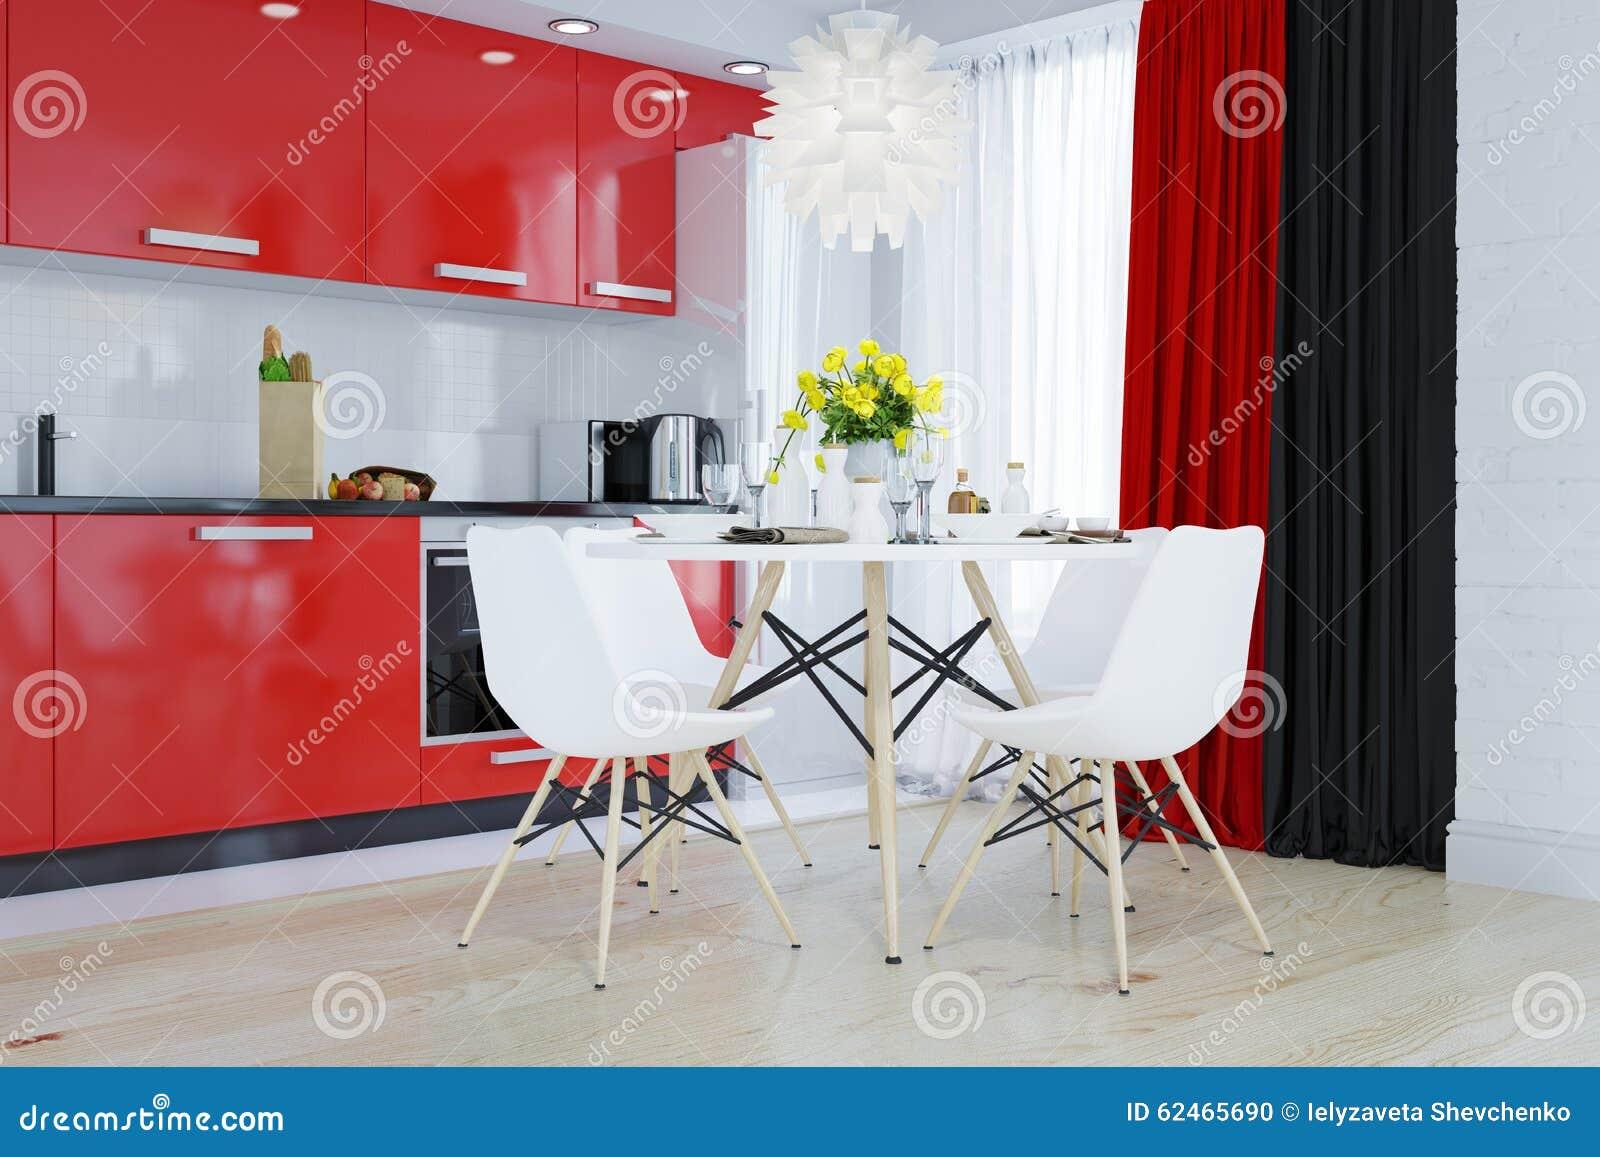 Keuken in rood, zwart wit, stock illustratie   afbeelding: 62465690